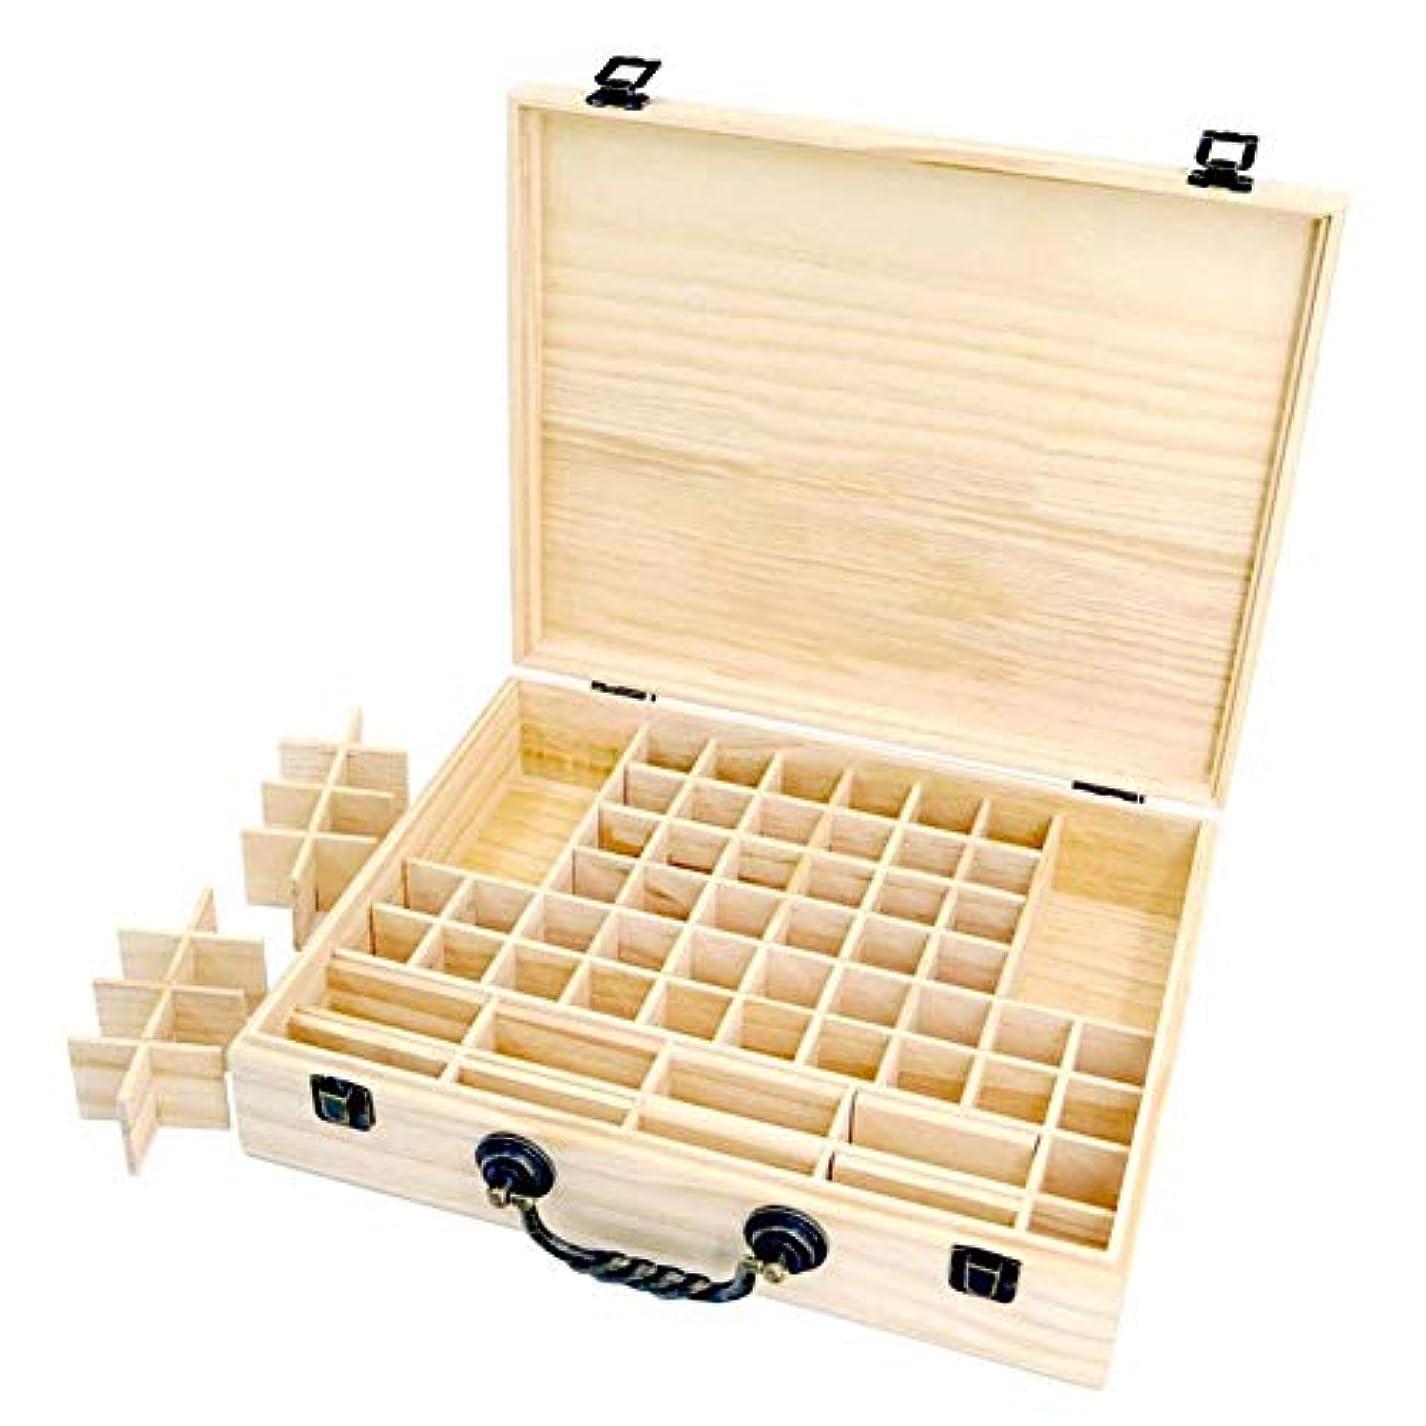 トレイおもしろいロータリーエッセンシャルオイル収納ボックス 収納ケース 保存ボックス パイン製 取り外し可能なメッシュ 70グリッド 持ち運び便利 junexi